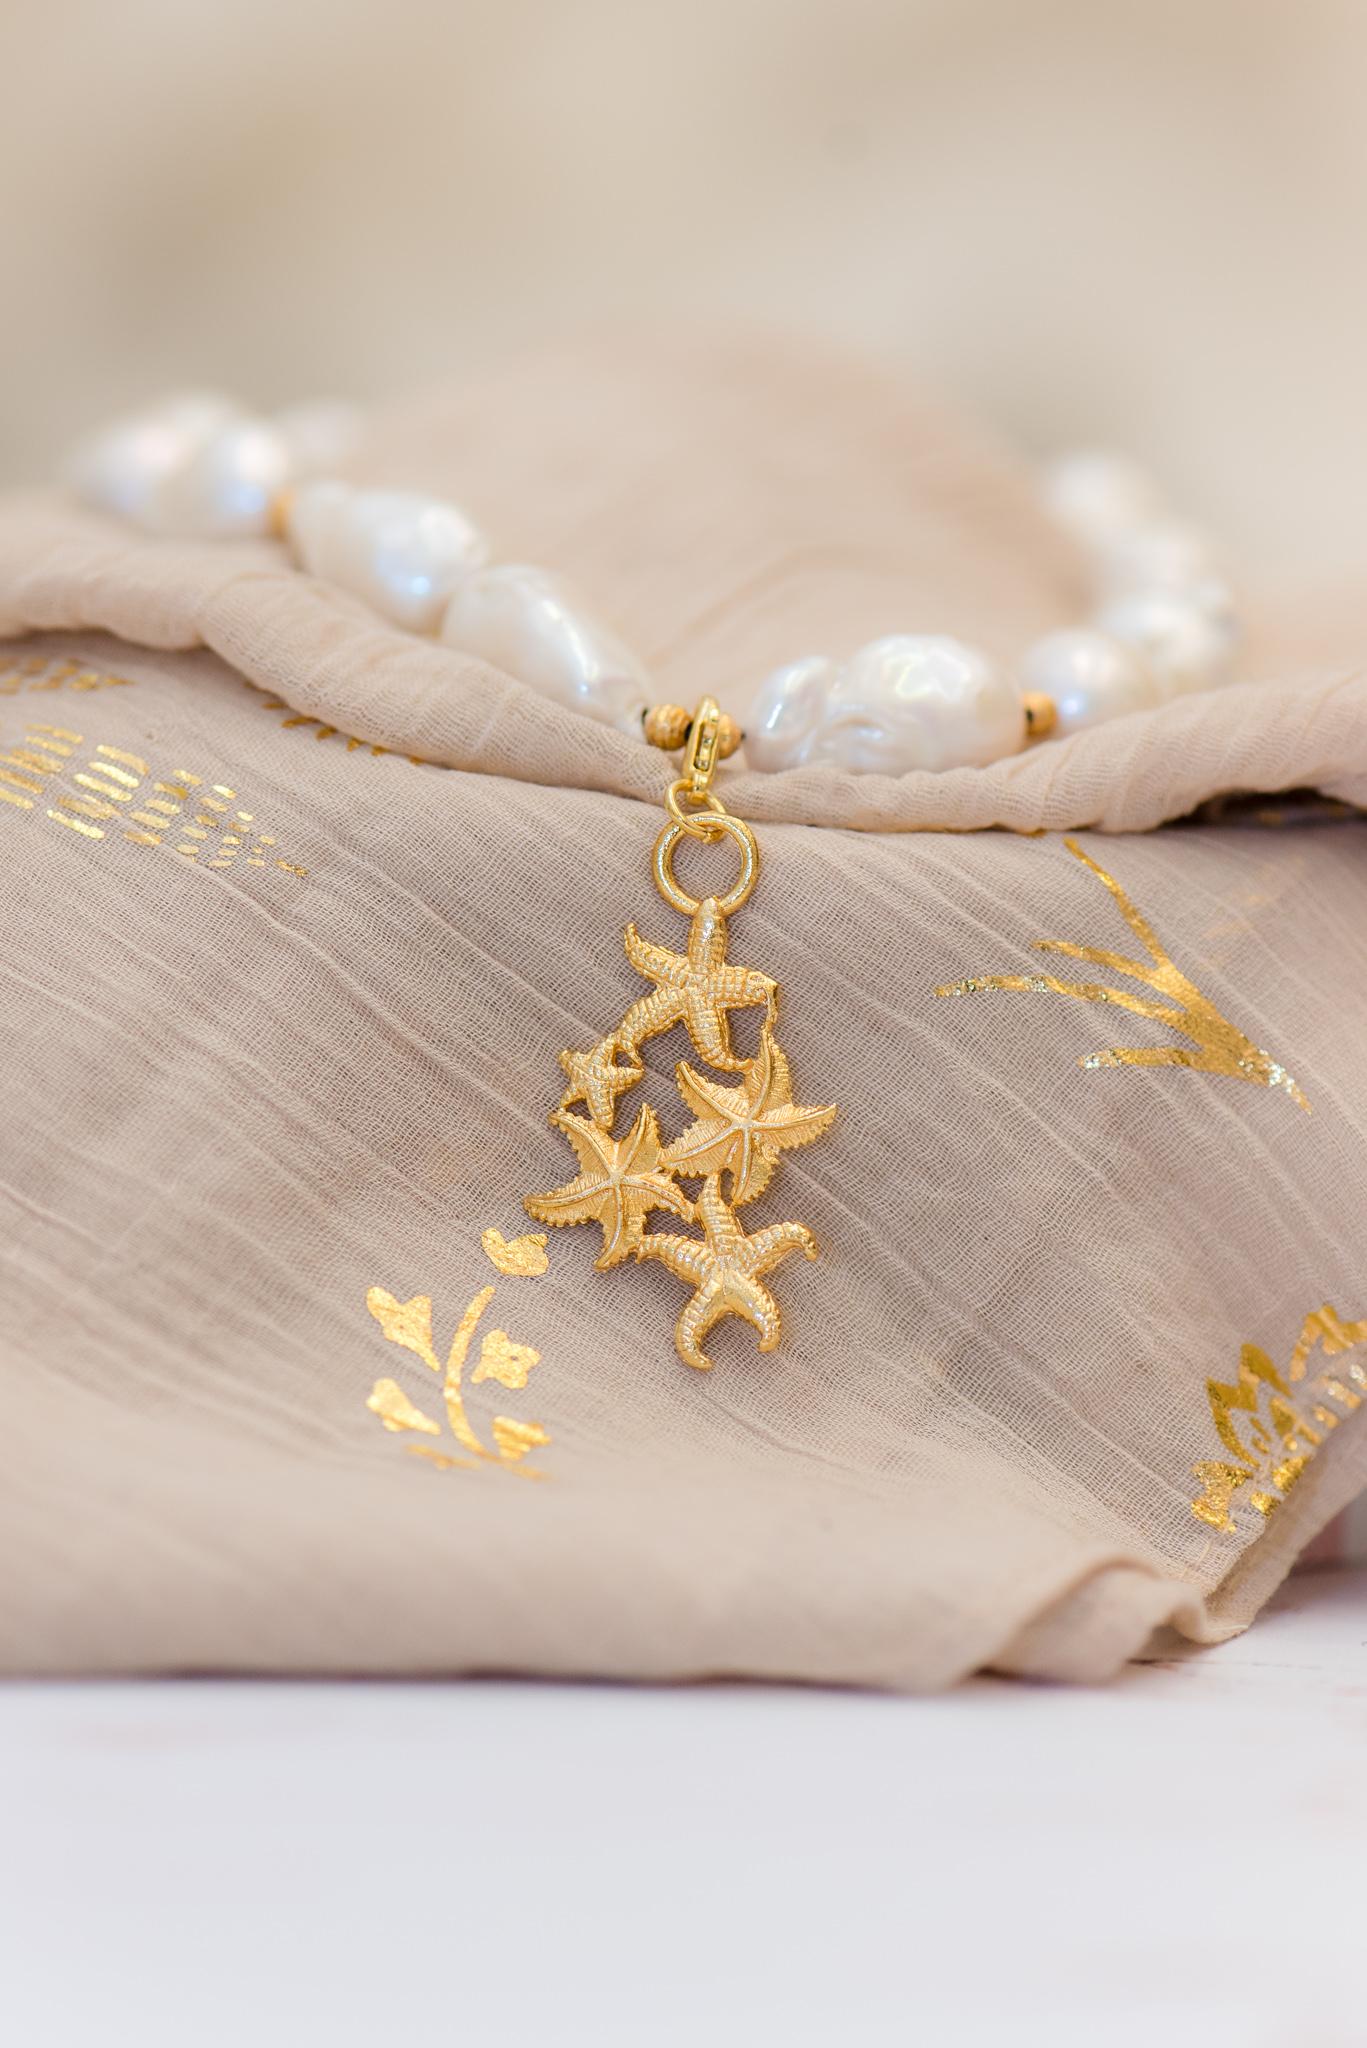 barokk gyöngyös nyaklánc kis szív medállal tengeri csillagokkal